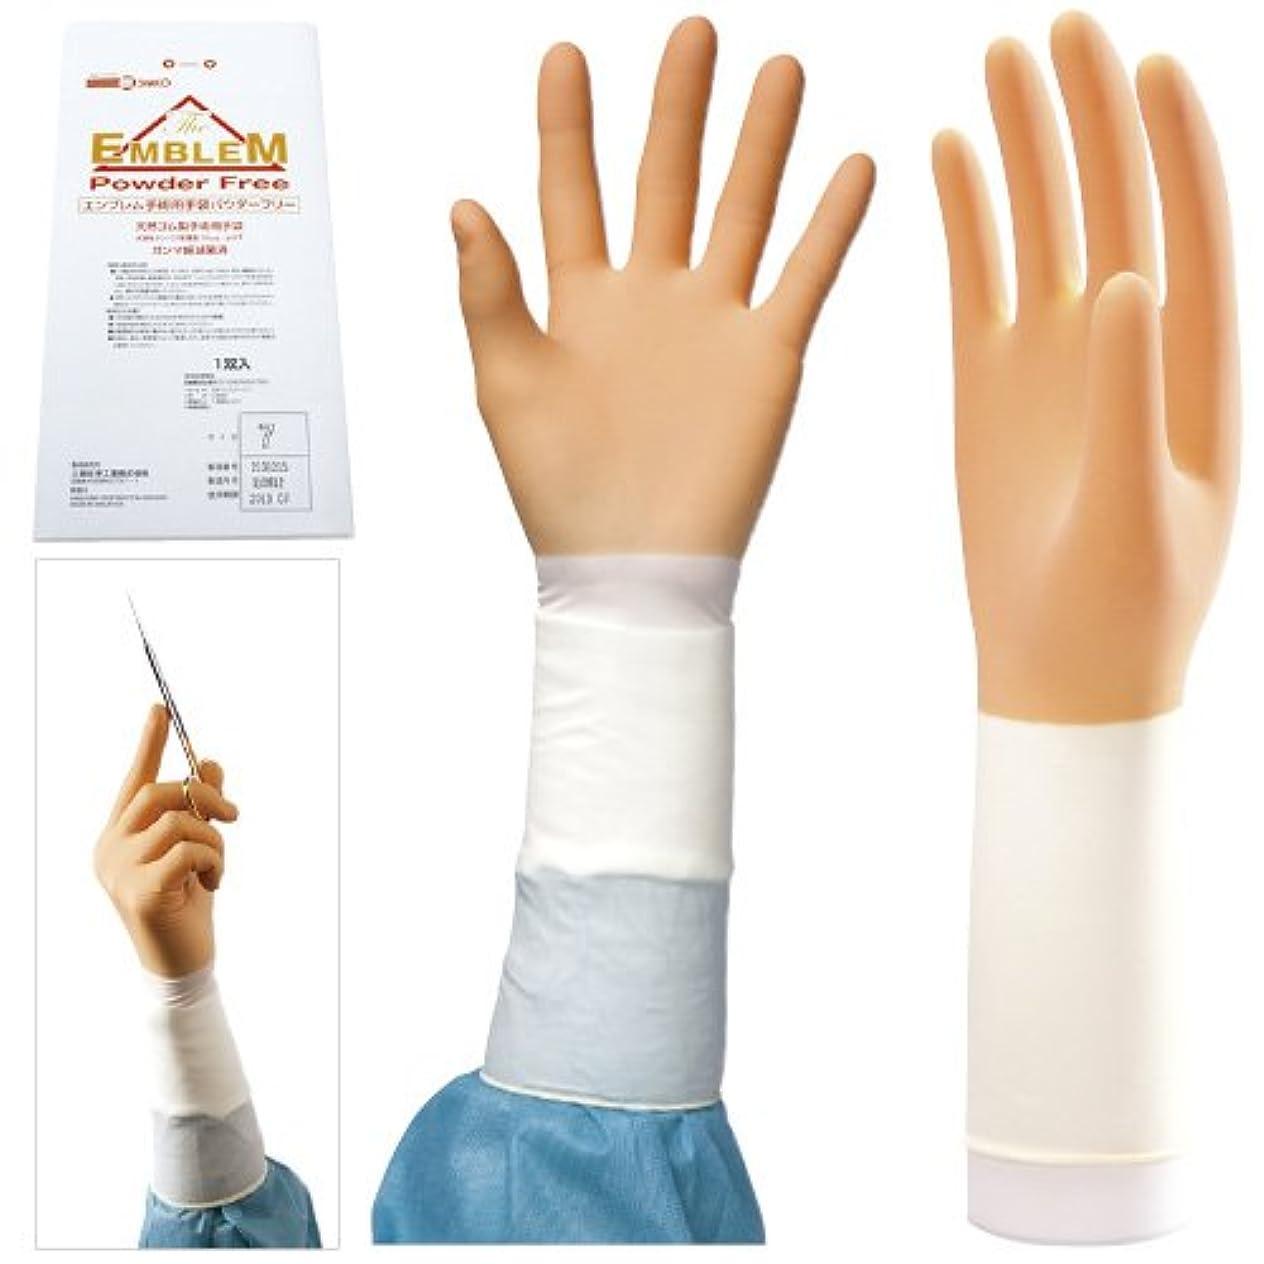 飲料移民ラショナルエンブレム手術用手袋 パウダーフリー NEW(20双入) 5.5